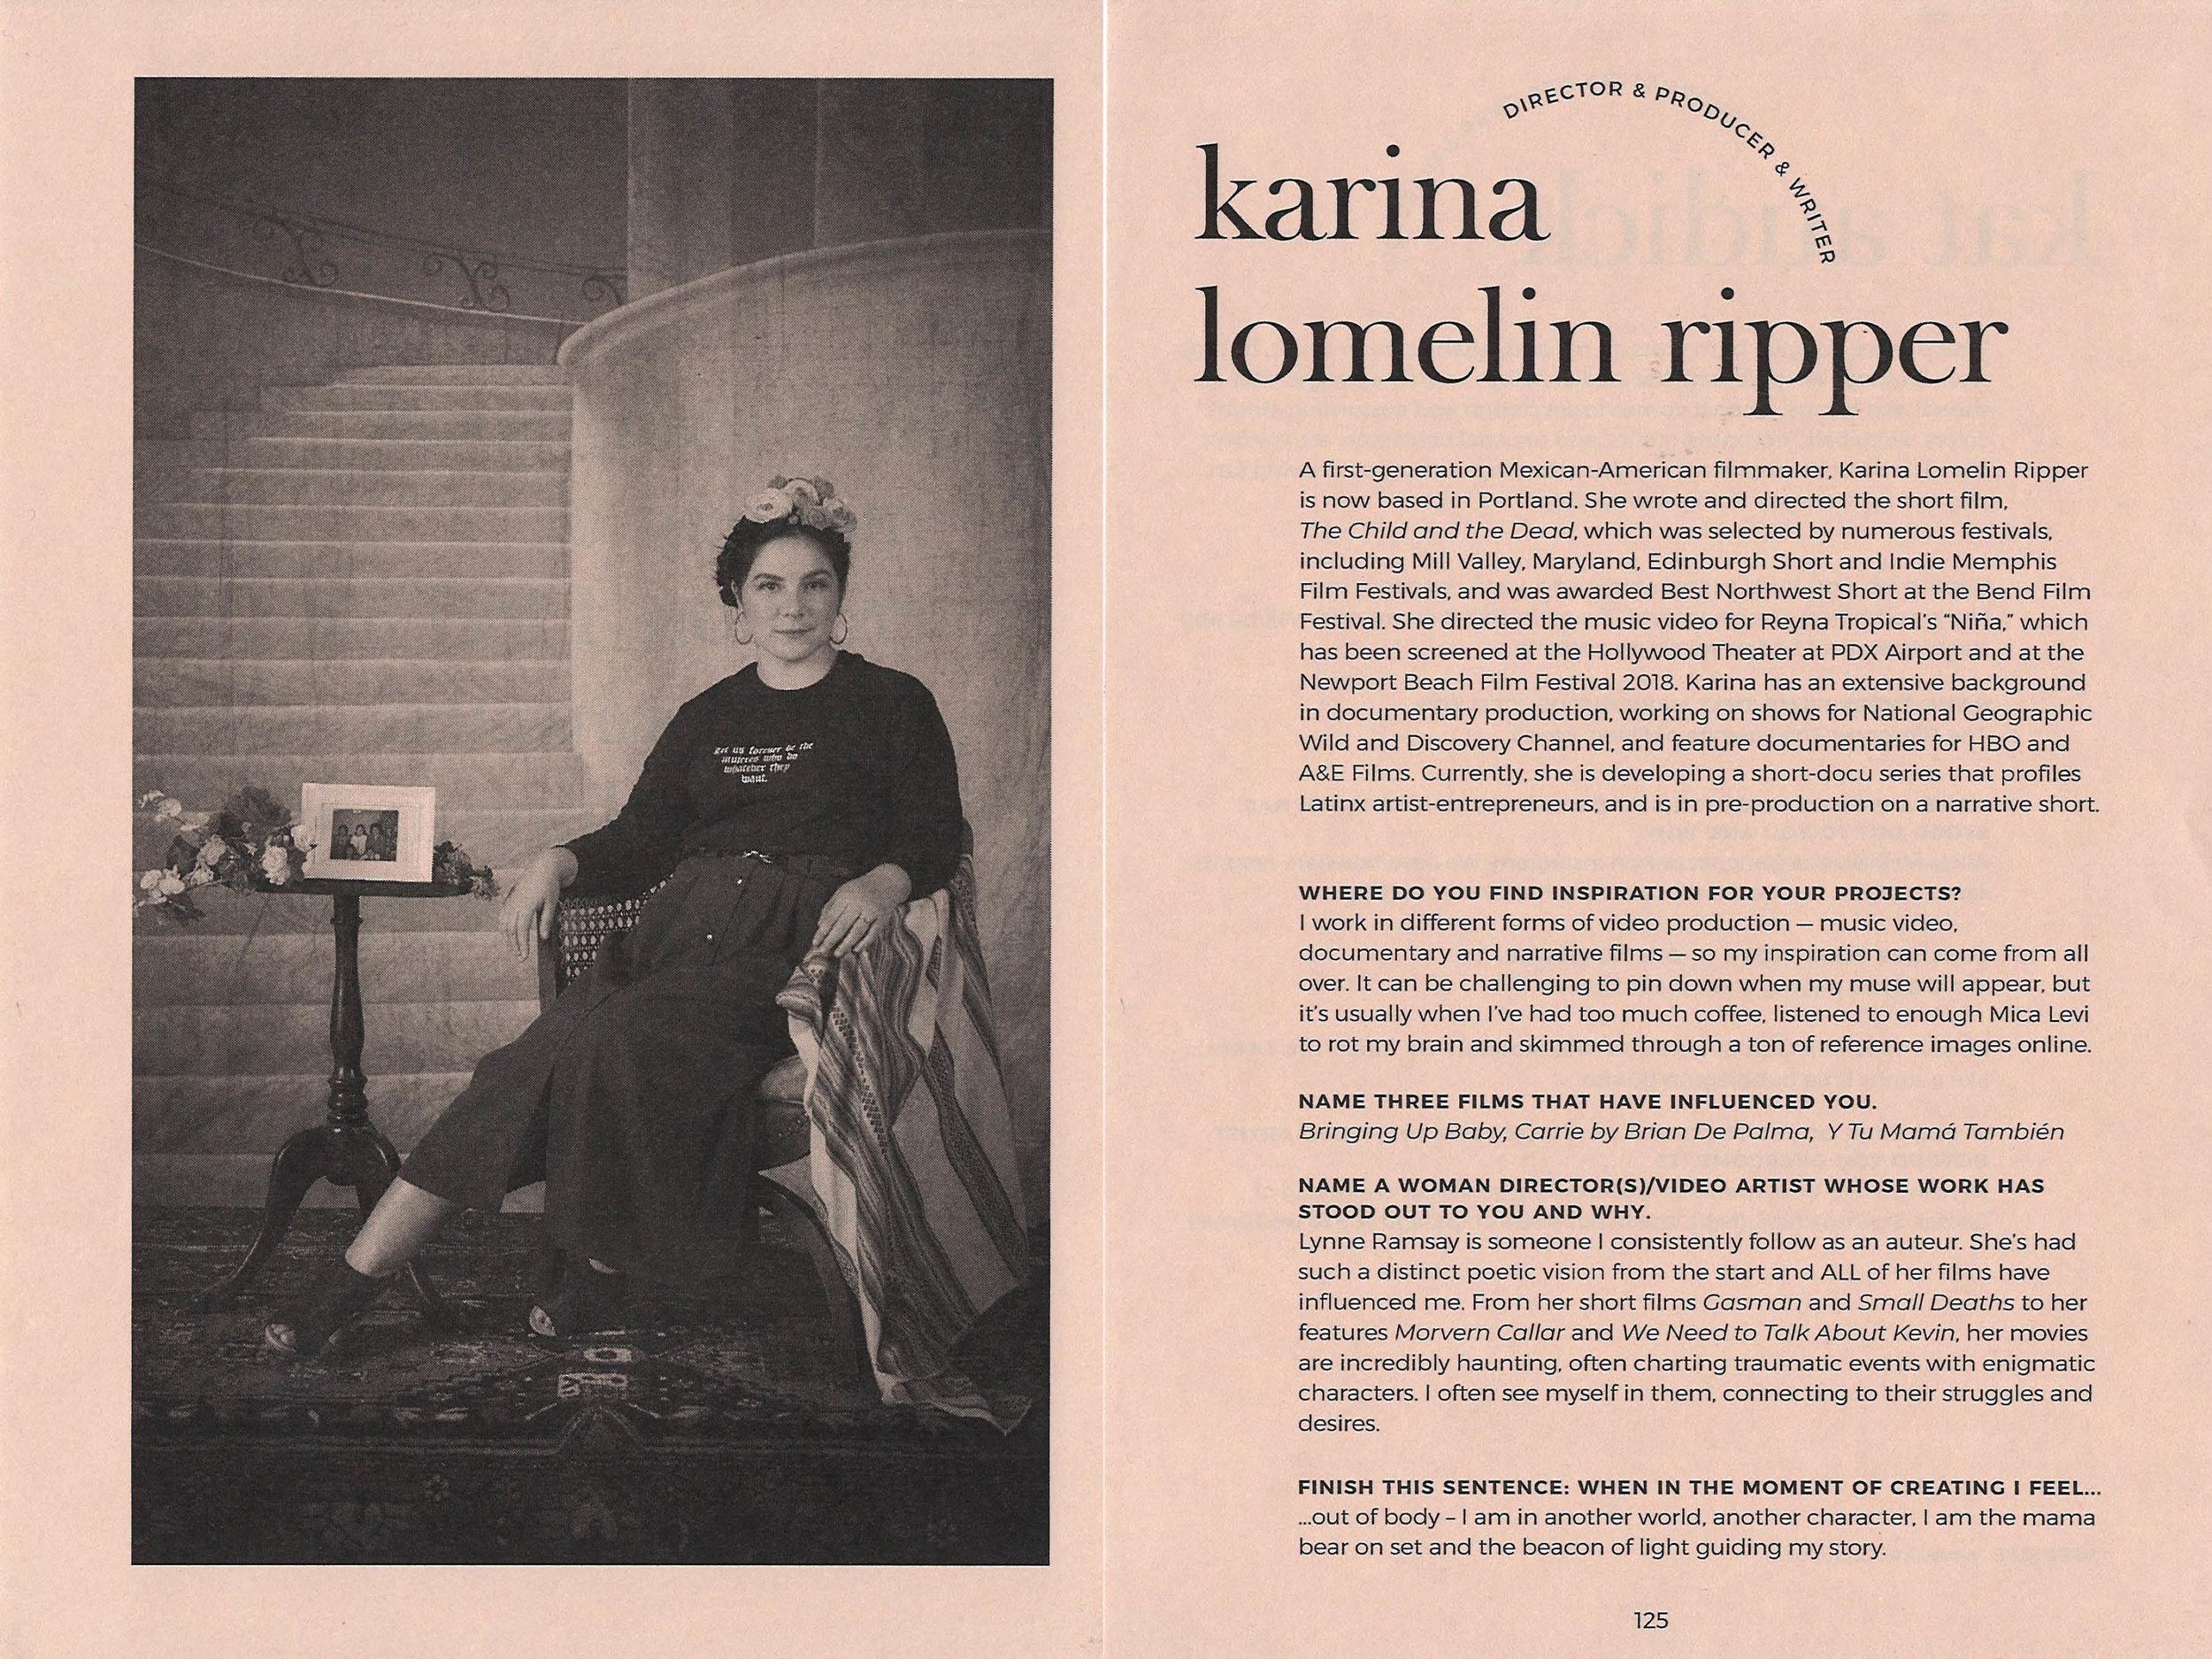 19. KarinaRipper_FULL.jpg